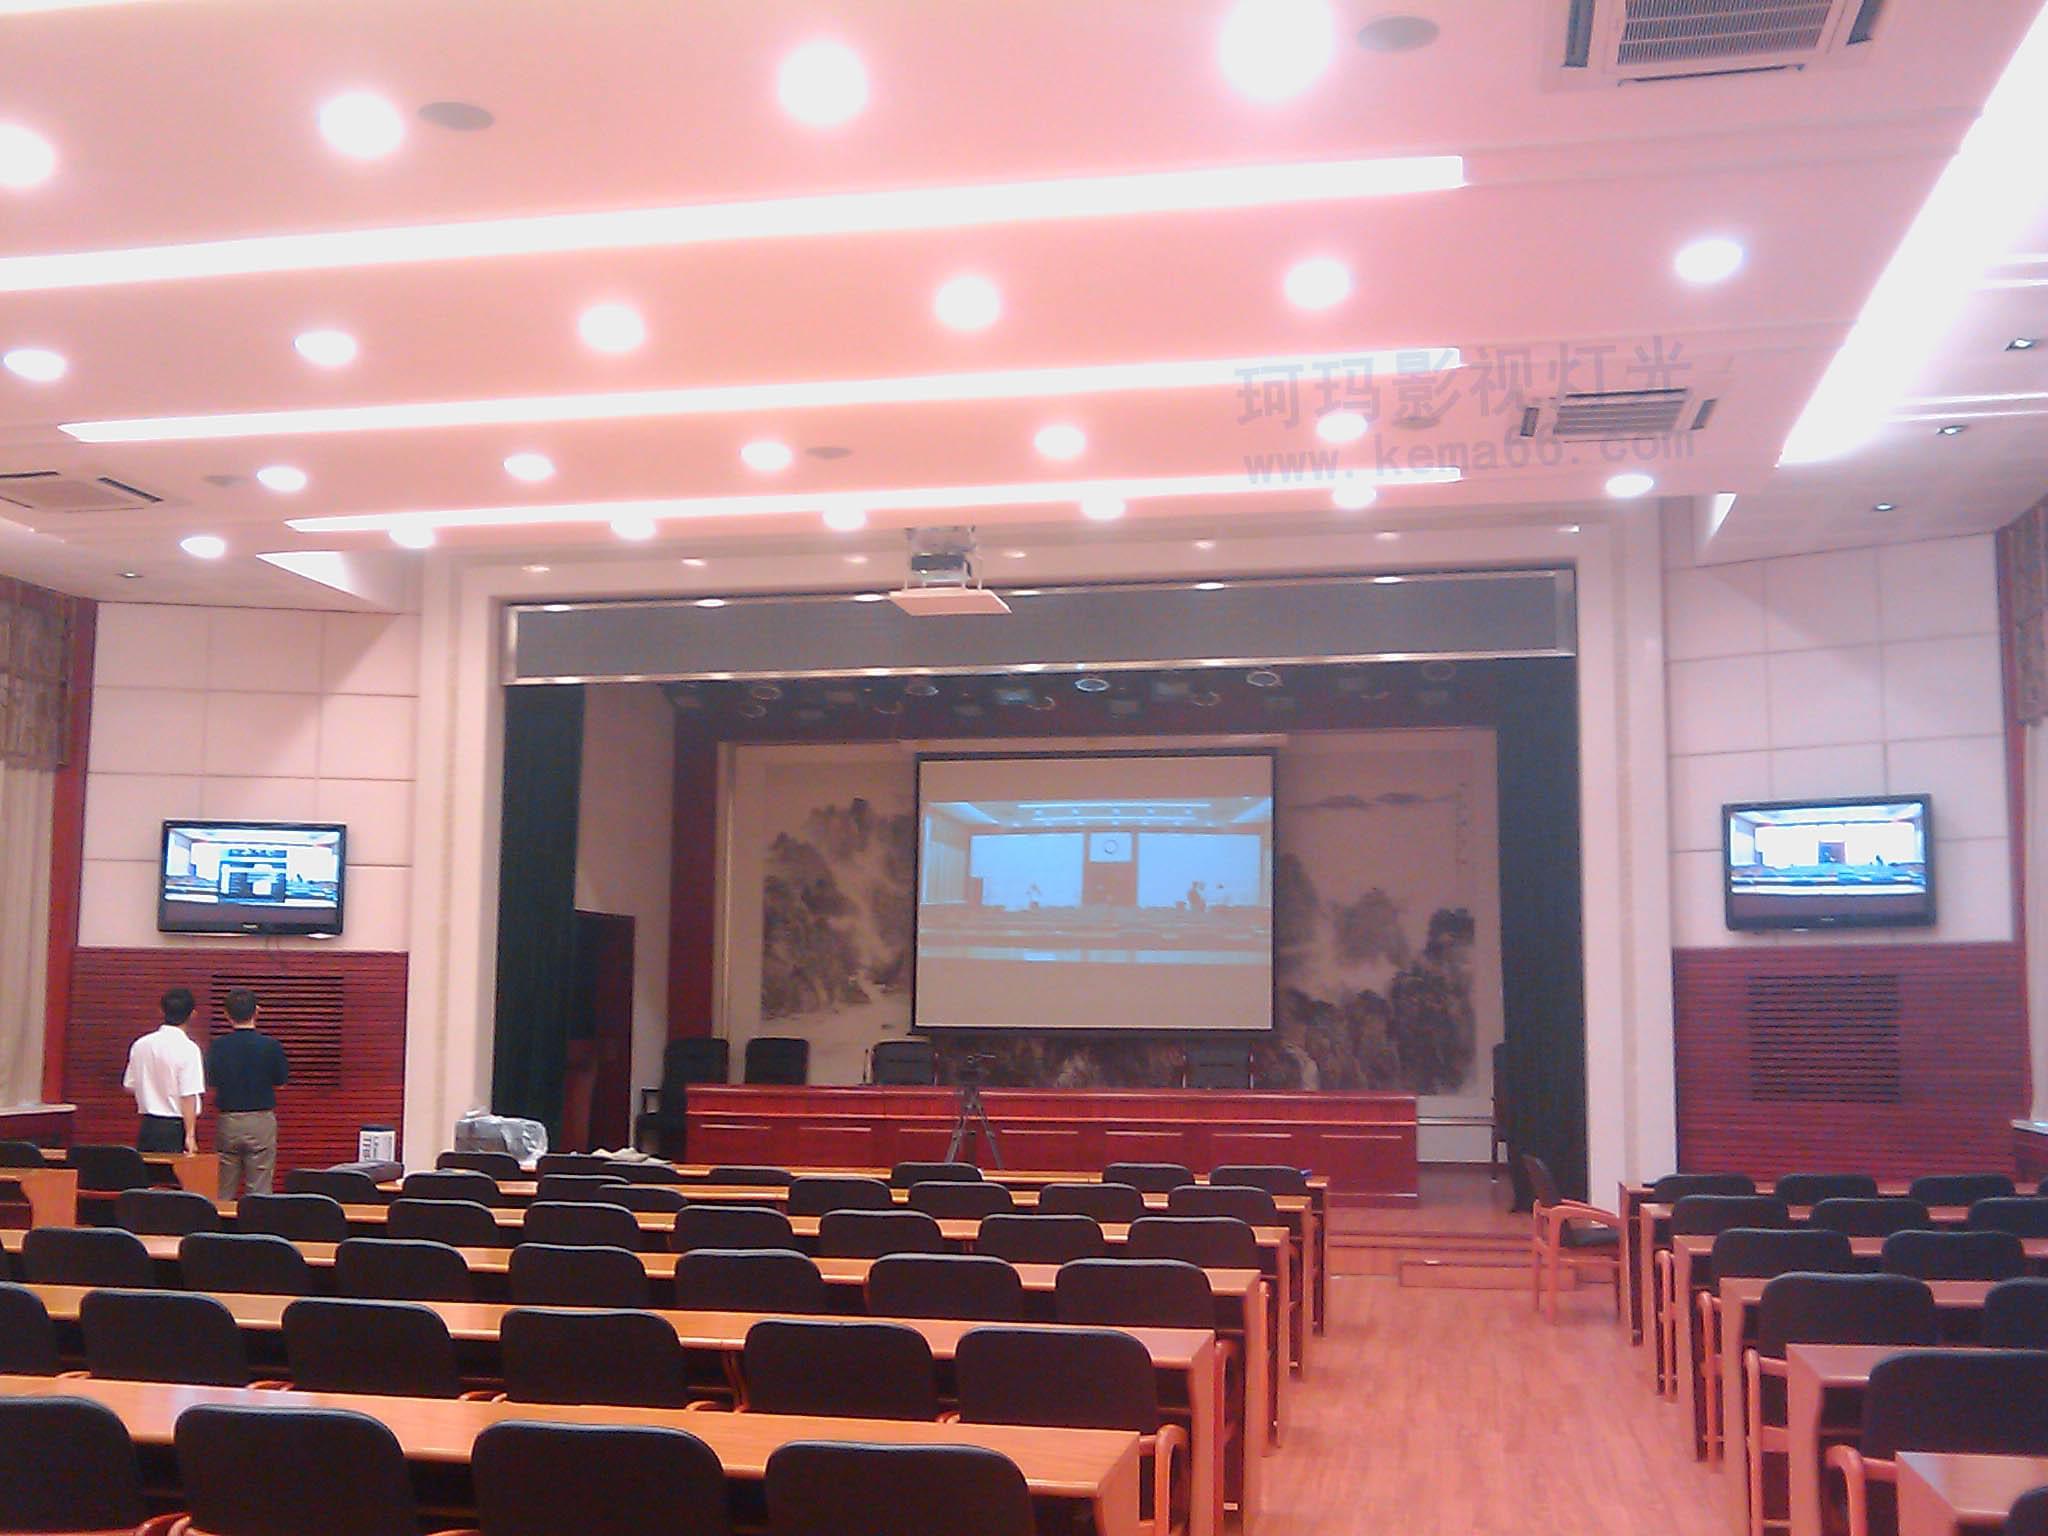 视频会议室灯光效果图-视频会议室灯光改造